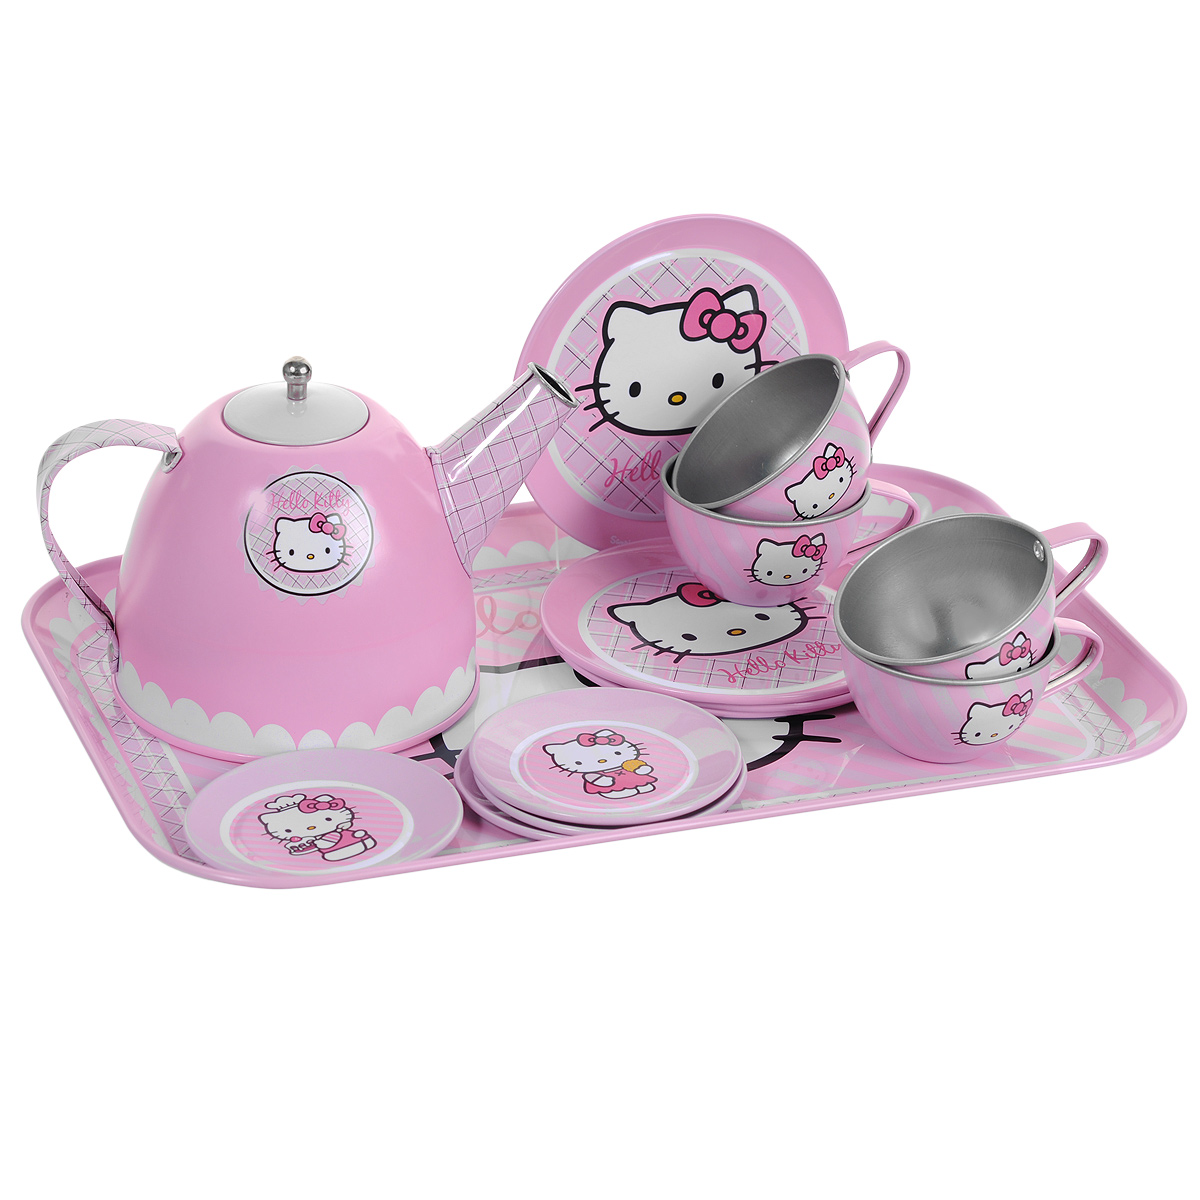 Smoby Набор посудки Hello Kitty, 14 предметов